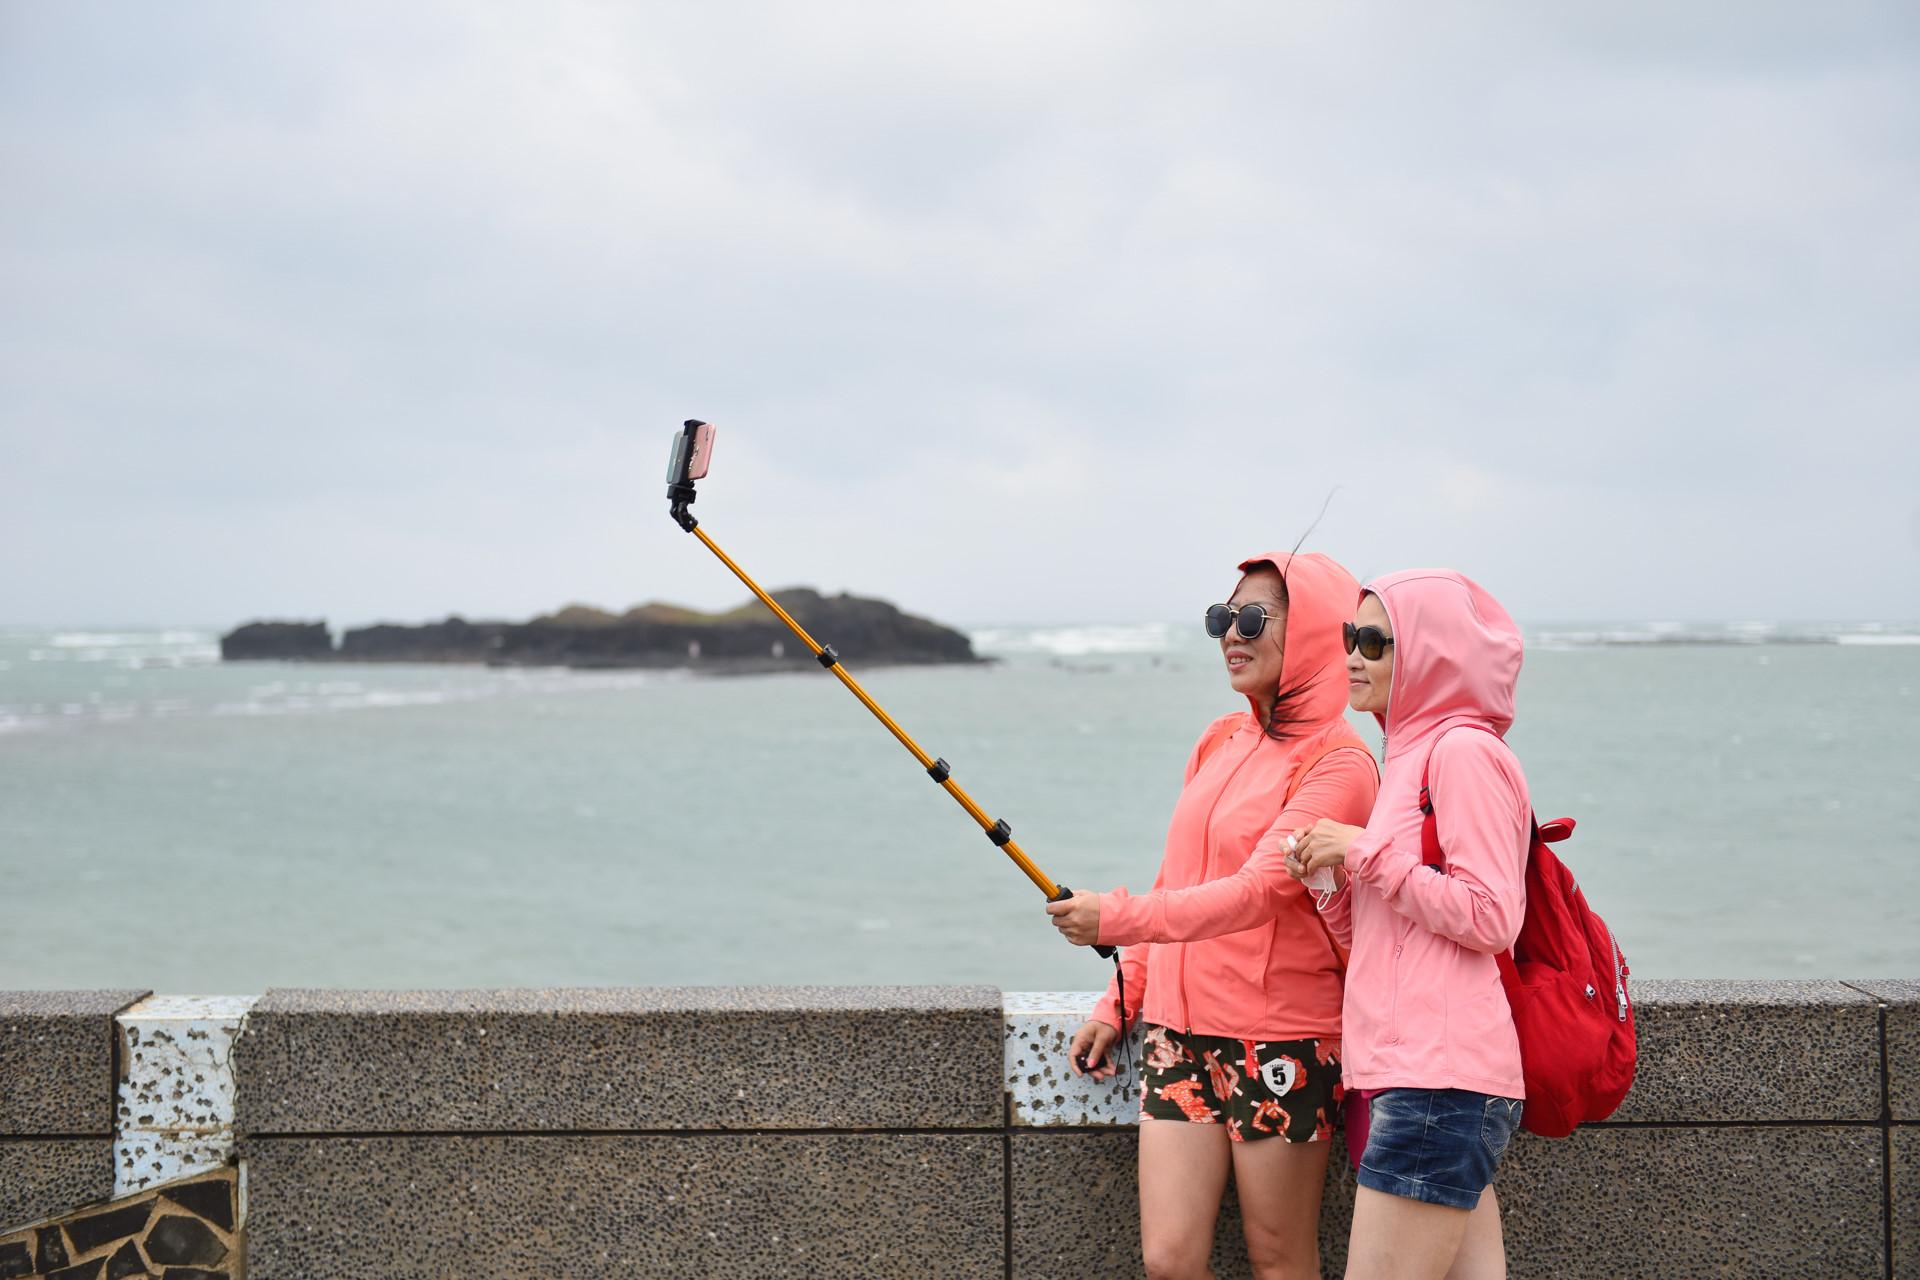 Viên ngọc của Thượng Đế trên eo biển Đài Loan Ảnh 8